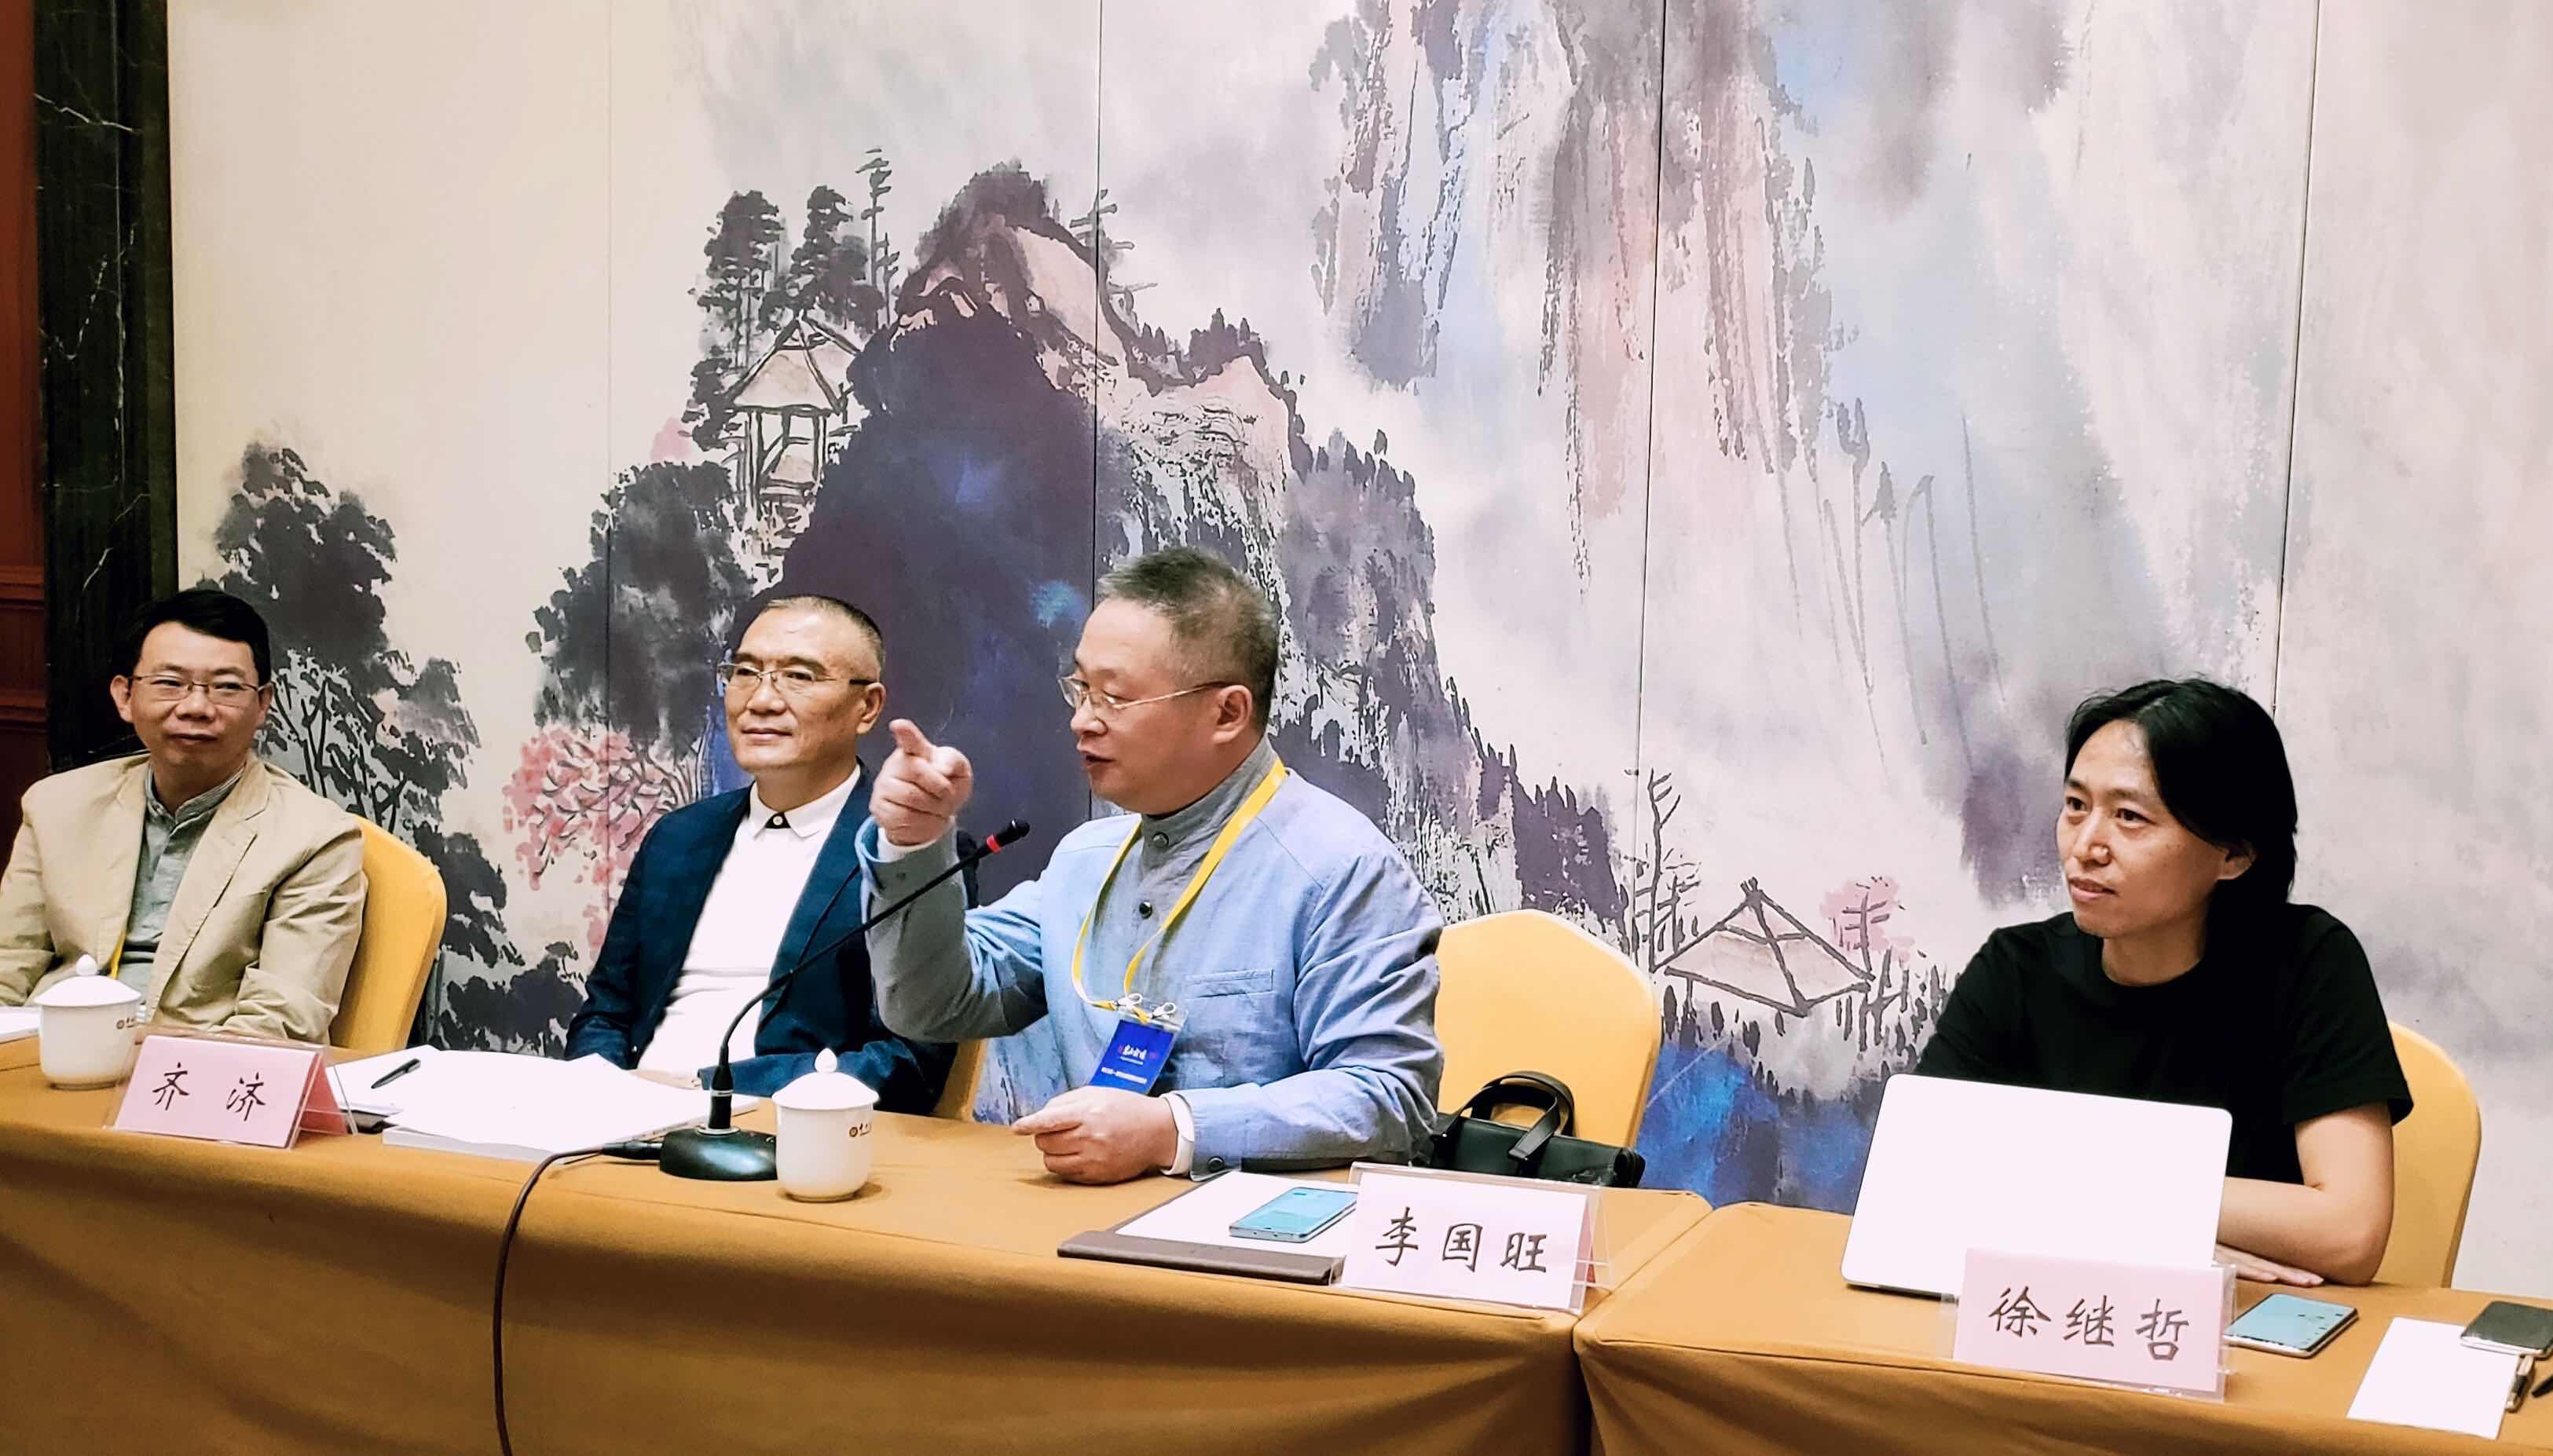 牛顿创始人徐继哲在嵩山论坛2020年年会发表演讲